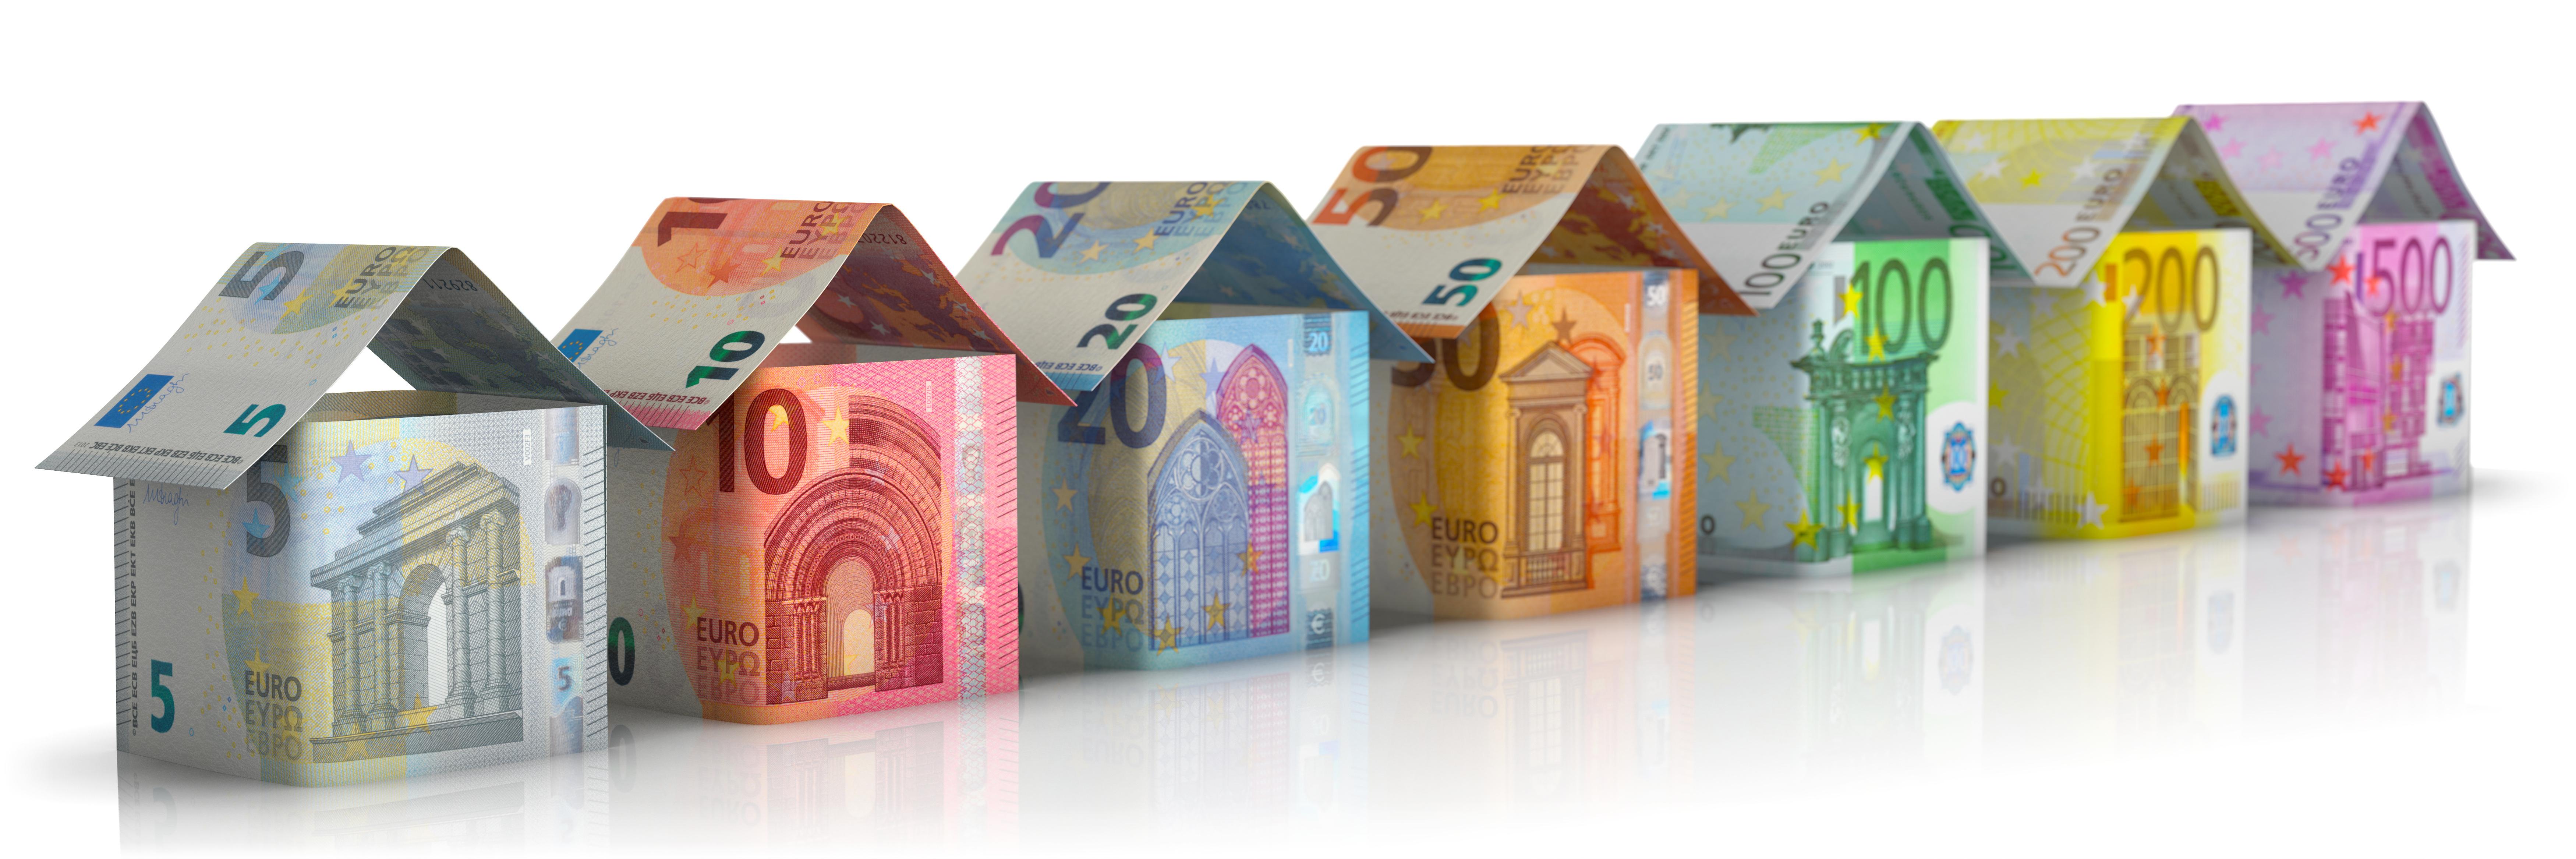 Immobilien & Geld